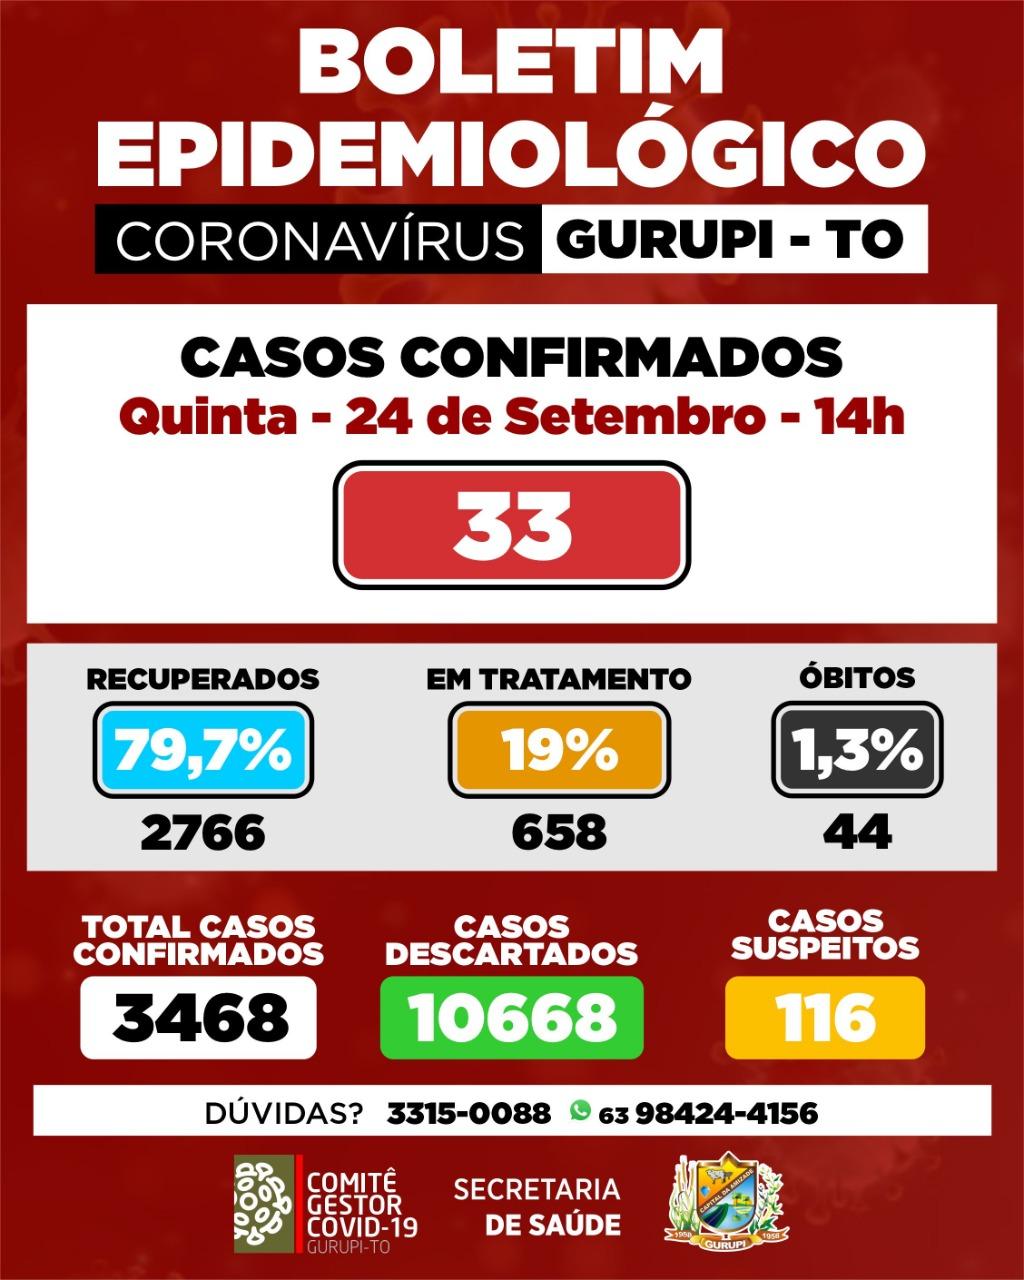 Boletim epidemiológico de Gurupi registra 33 novos casos de Covid-19